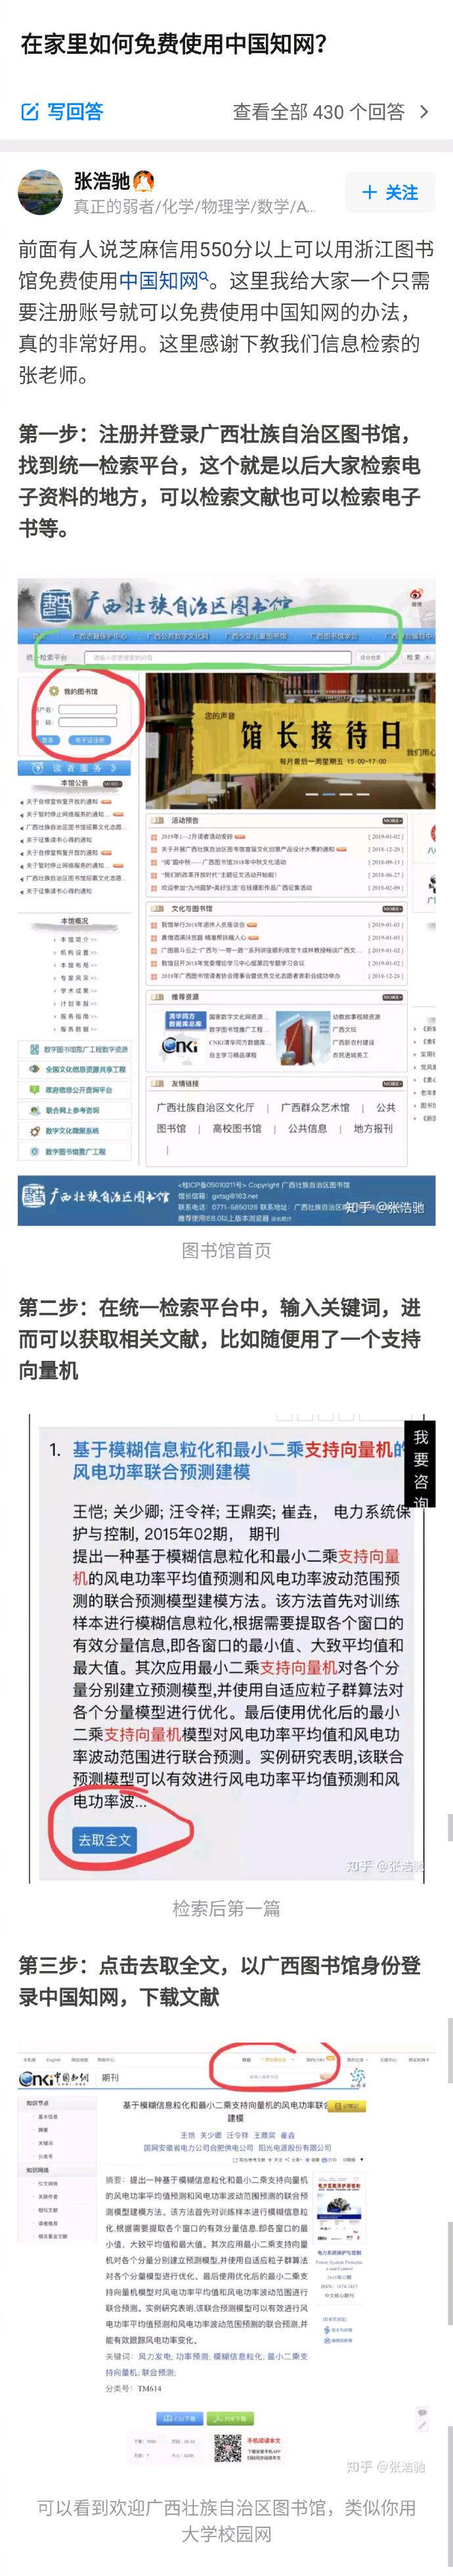 在家里如何免费使用中国知网?  